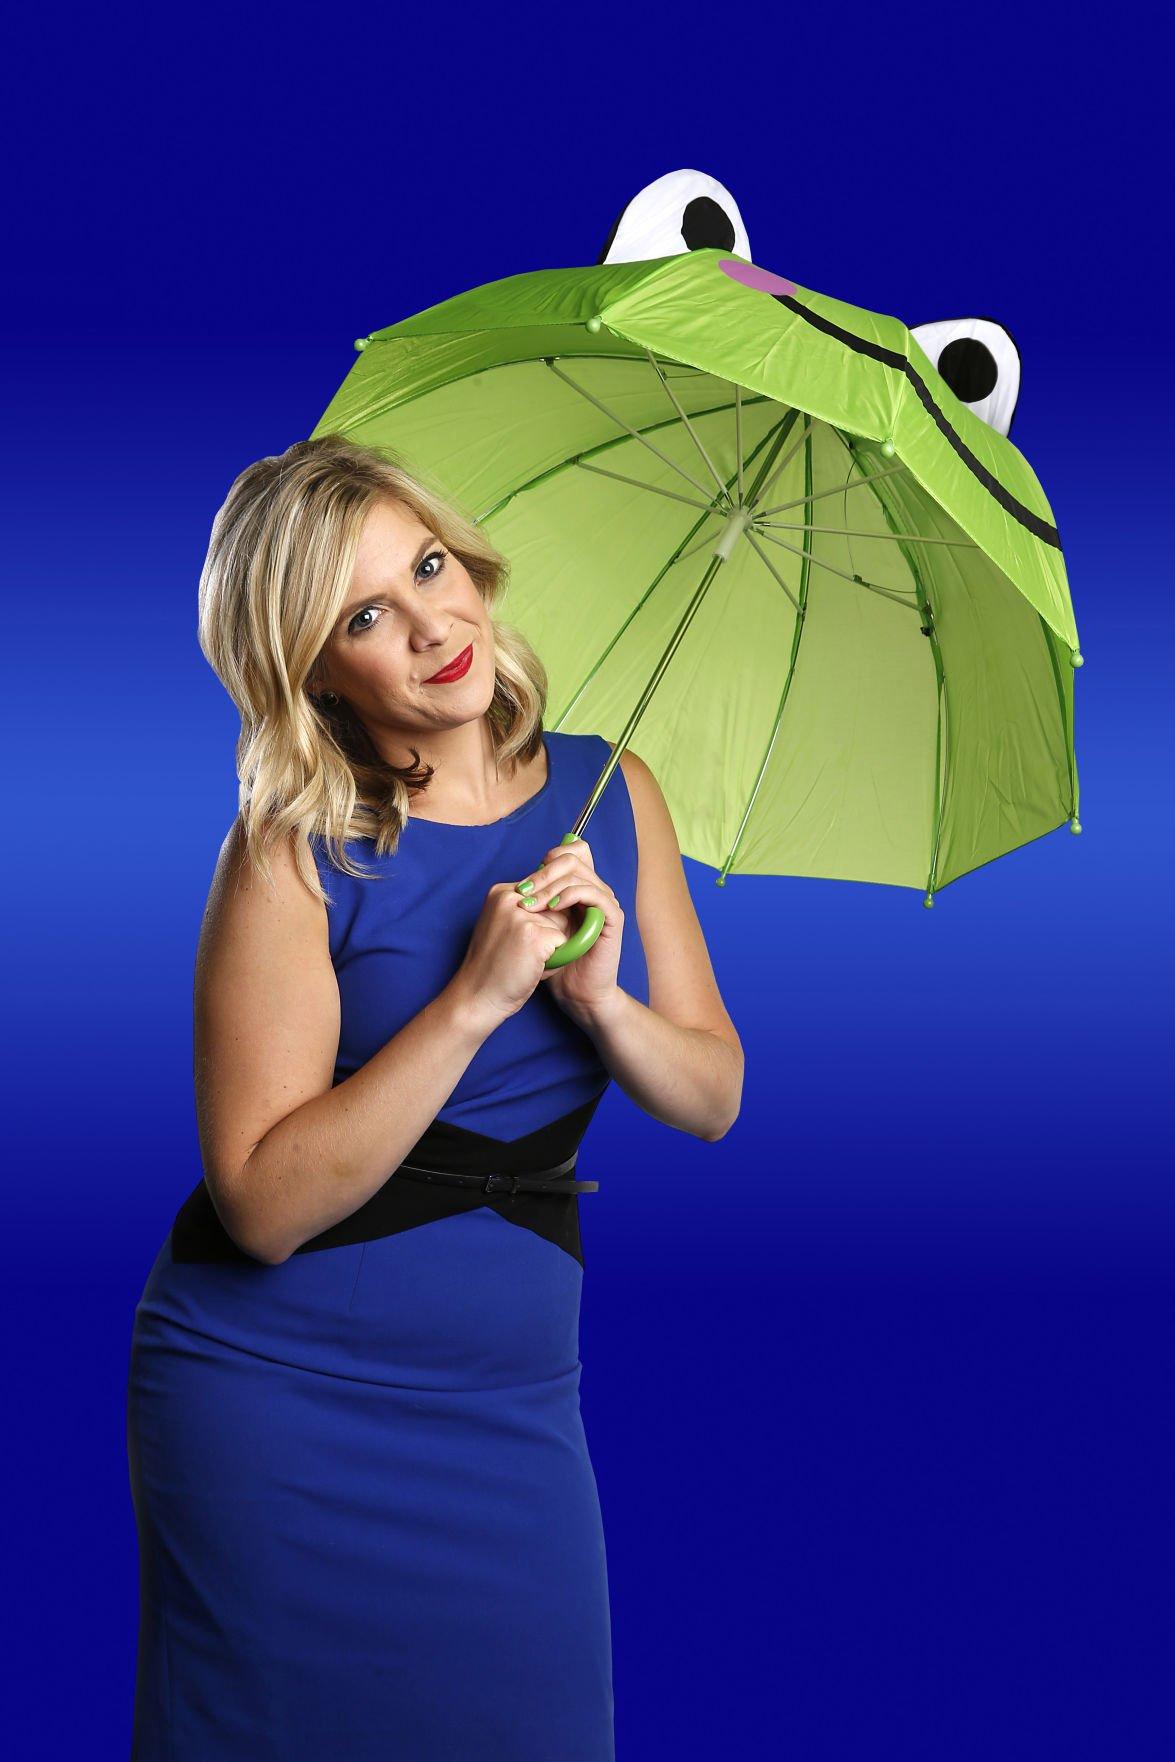 PHOTOS: 8 News meteorologist Katie Dupree | Photos | richmond com